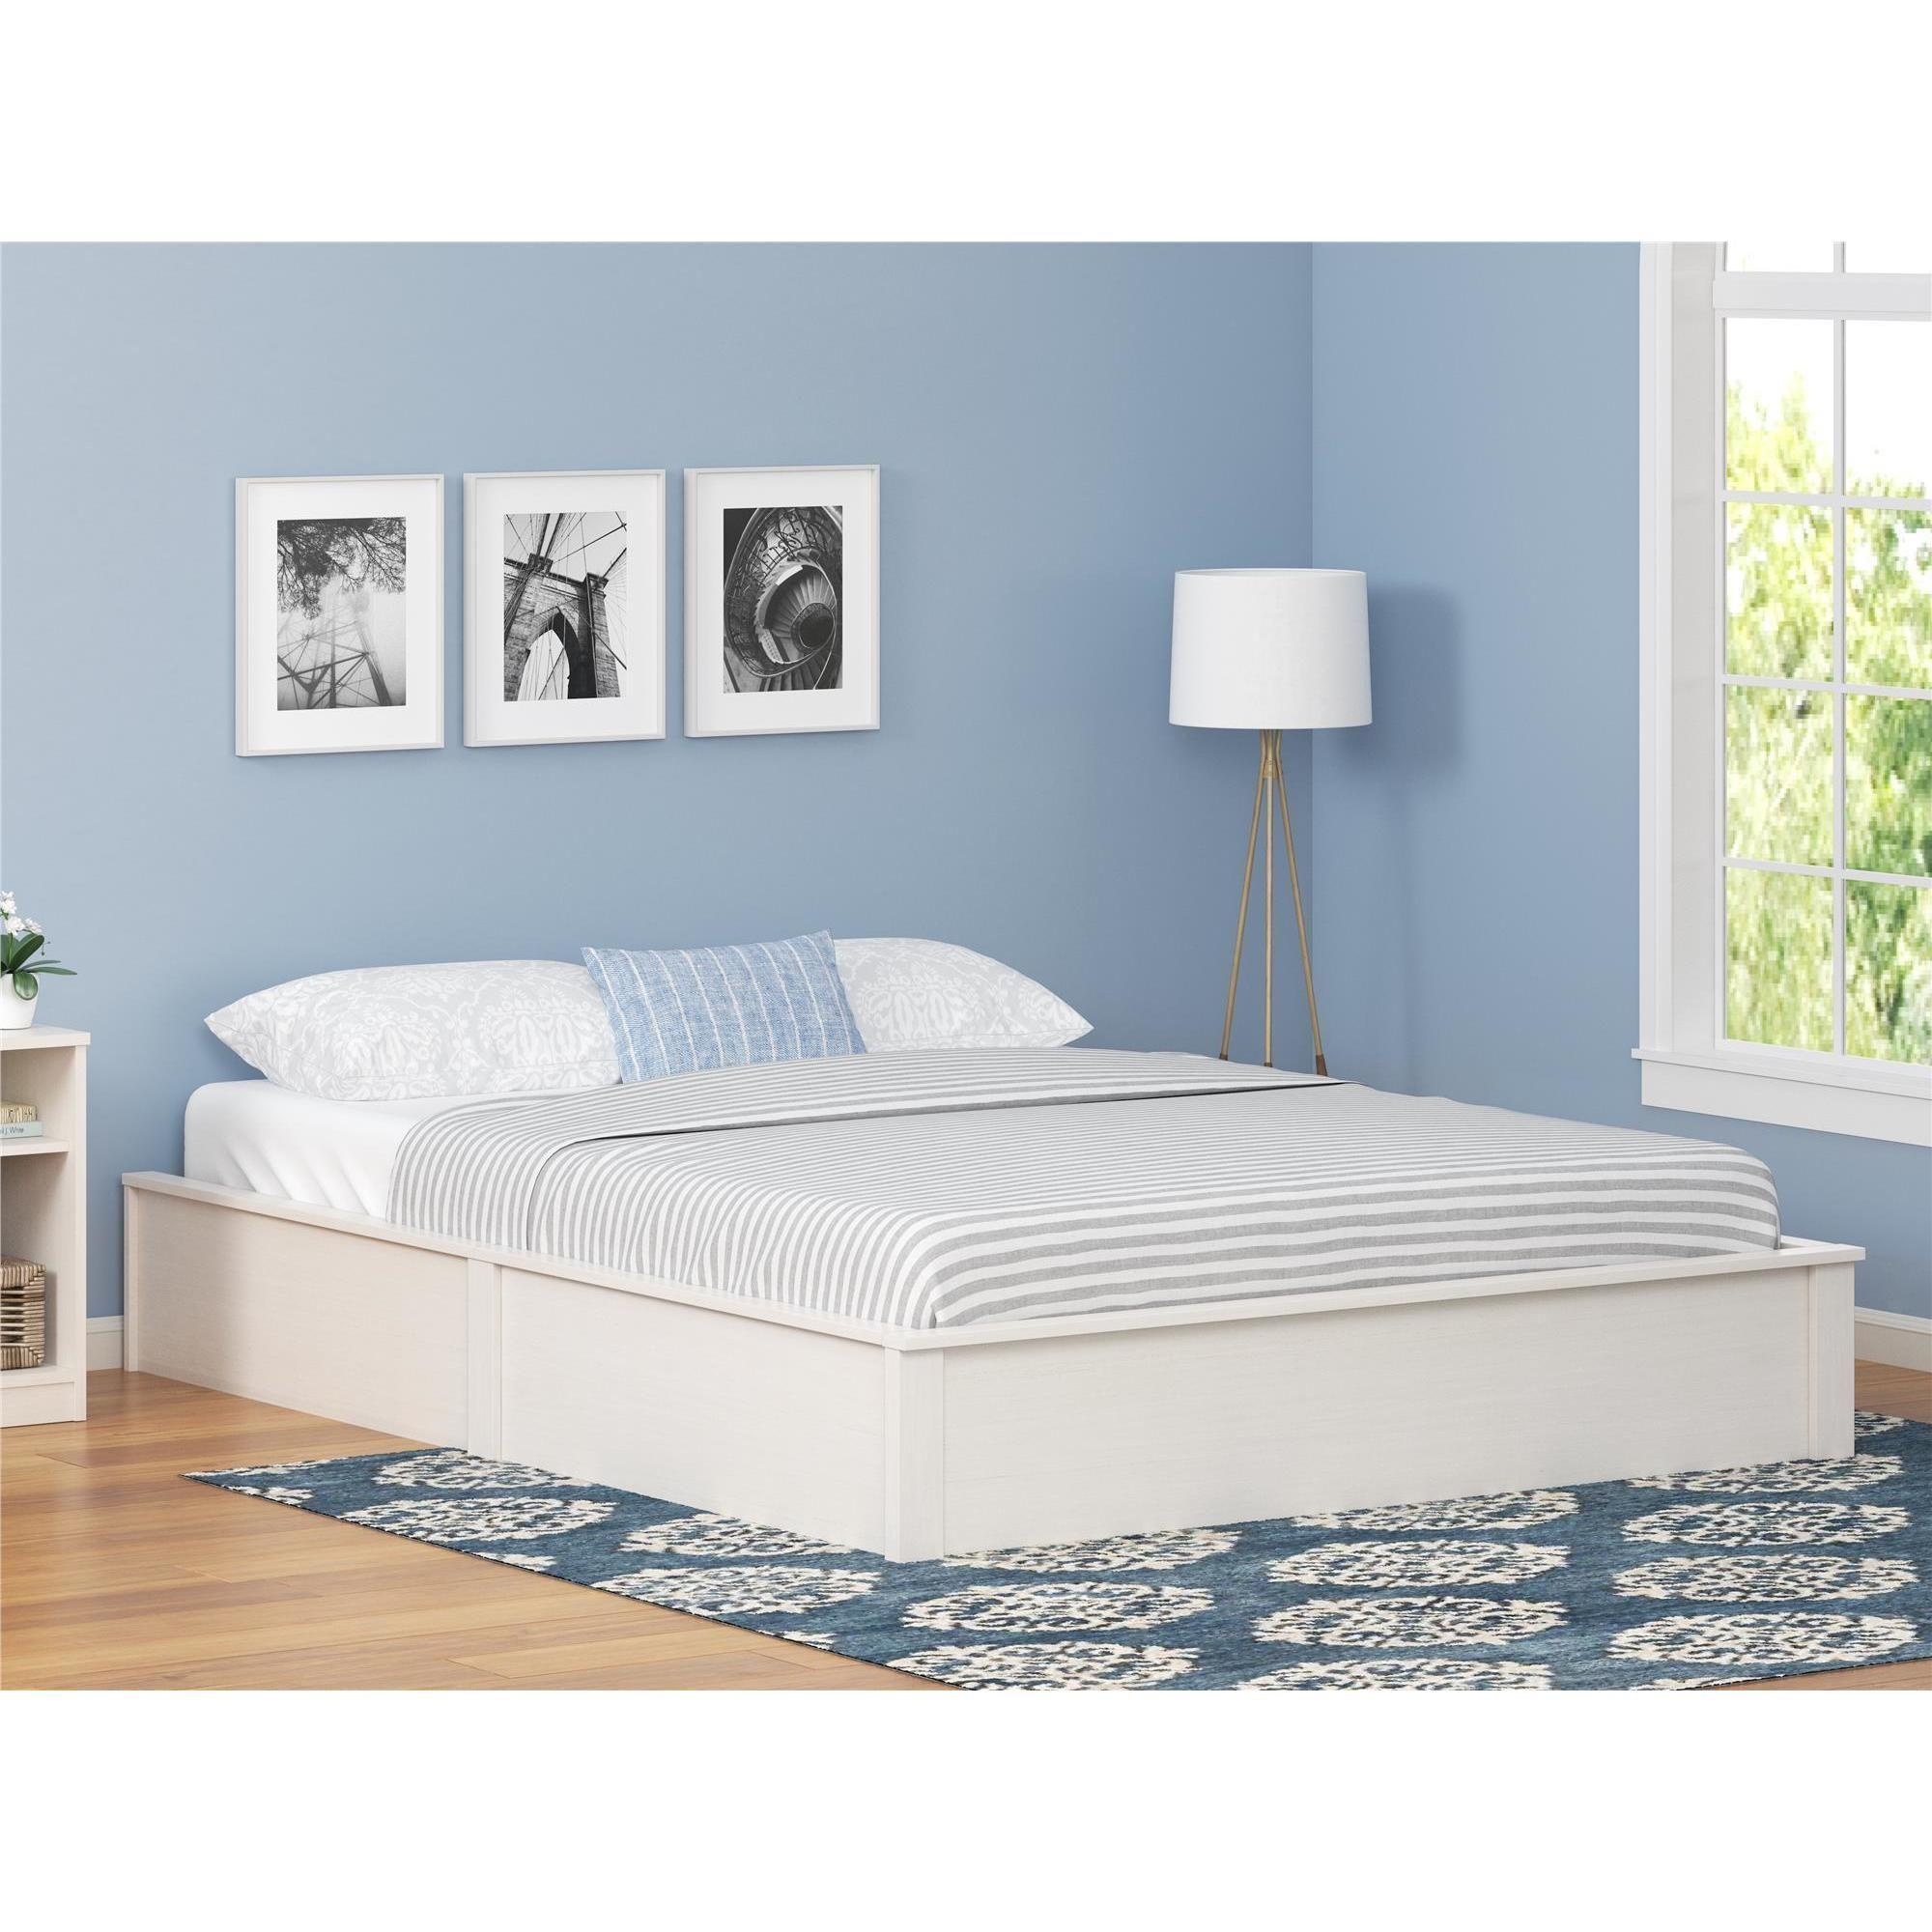 Ameriwood Home Platform Full-Size Bed Frame (Full-size bed, espresso ...